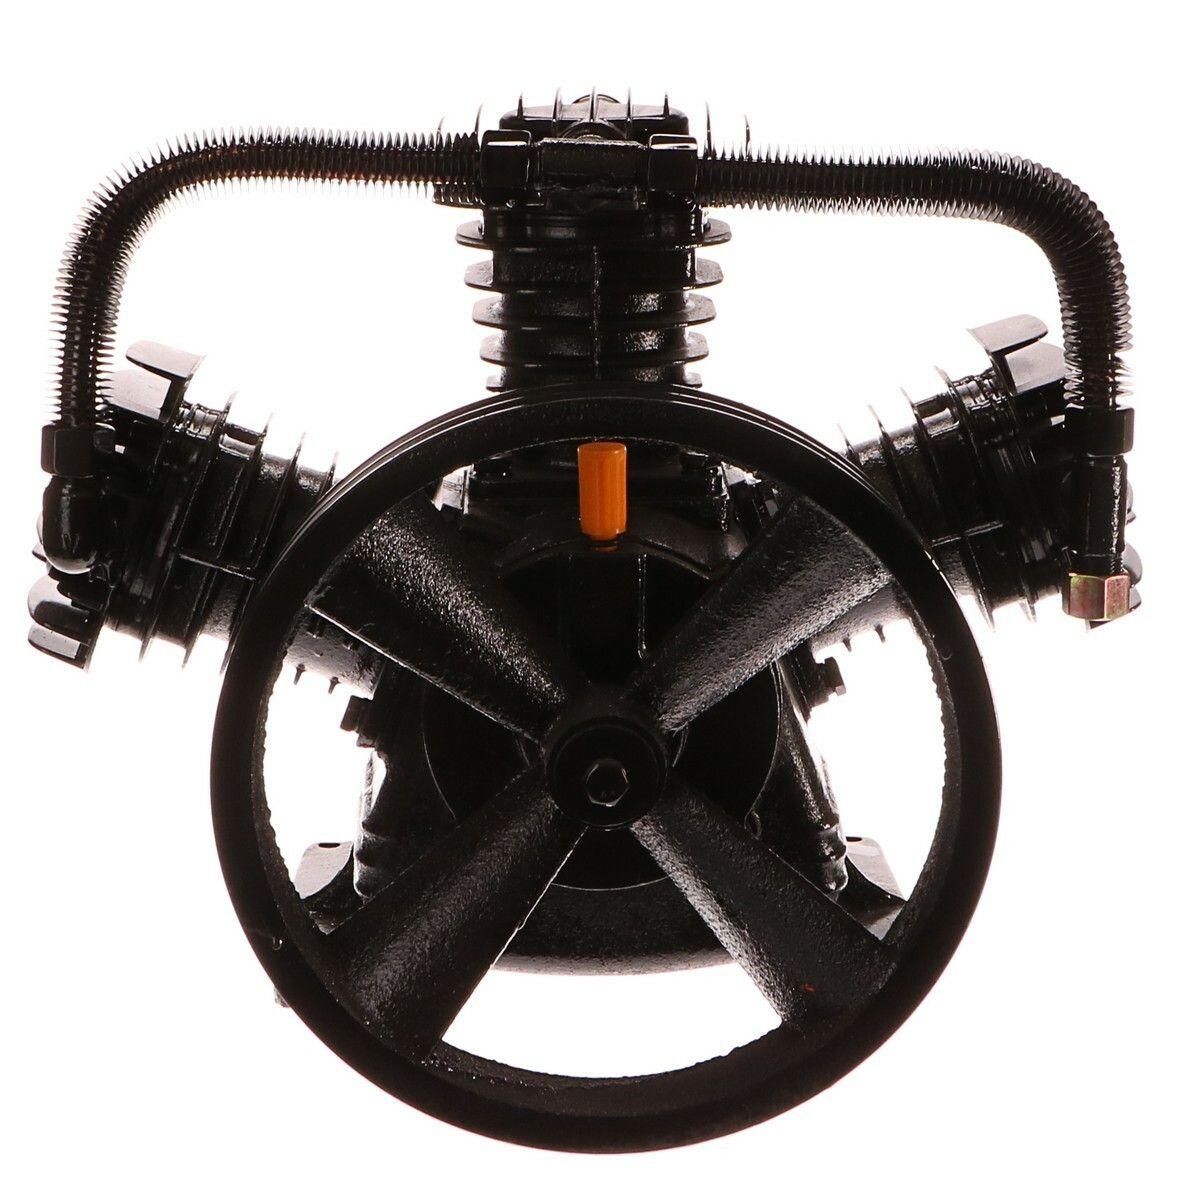 GEKO G80314 Kompresor do vzduchového kompresoru třípístový, 5,5HP, 100l